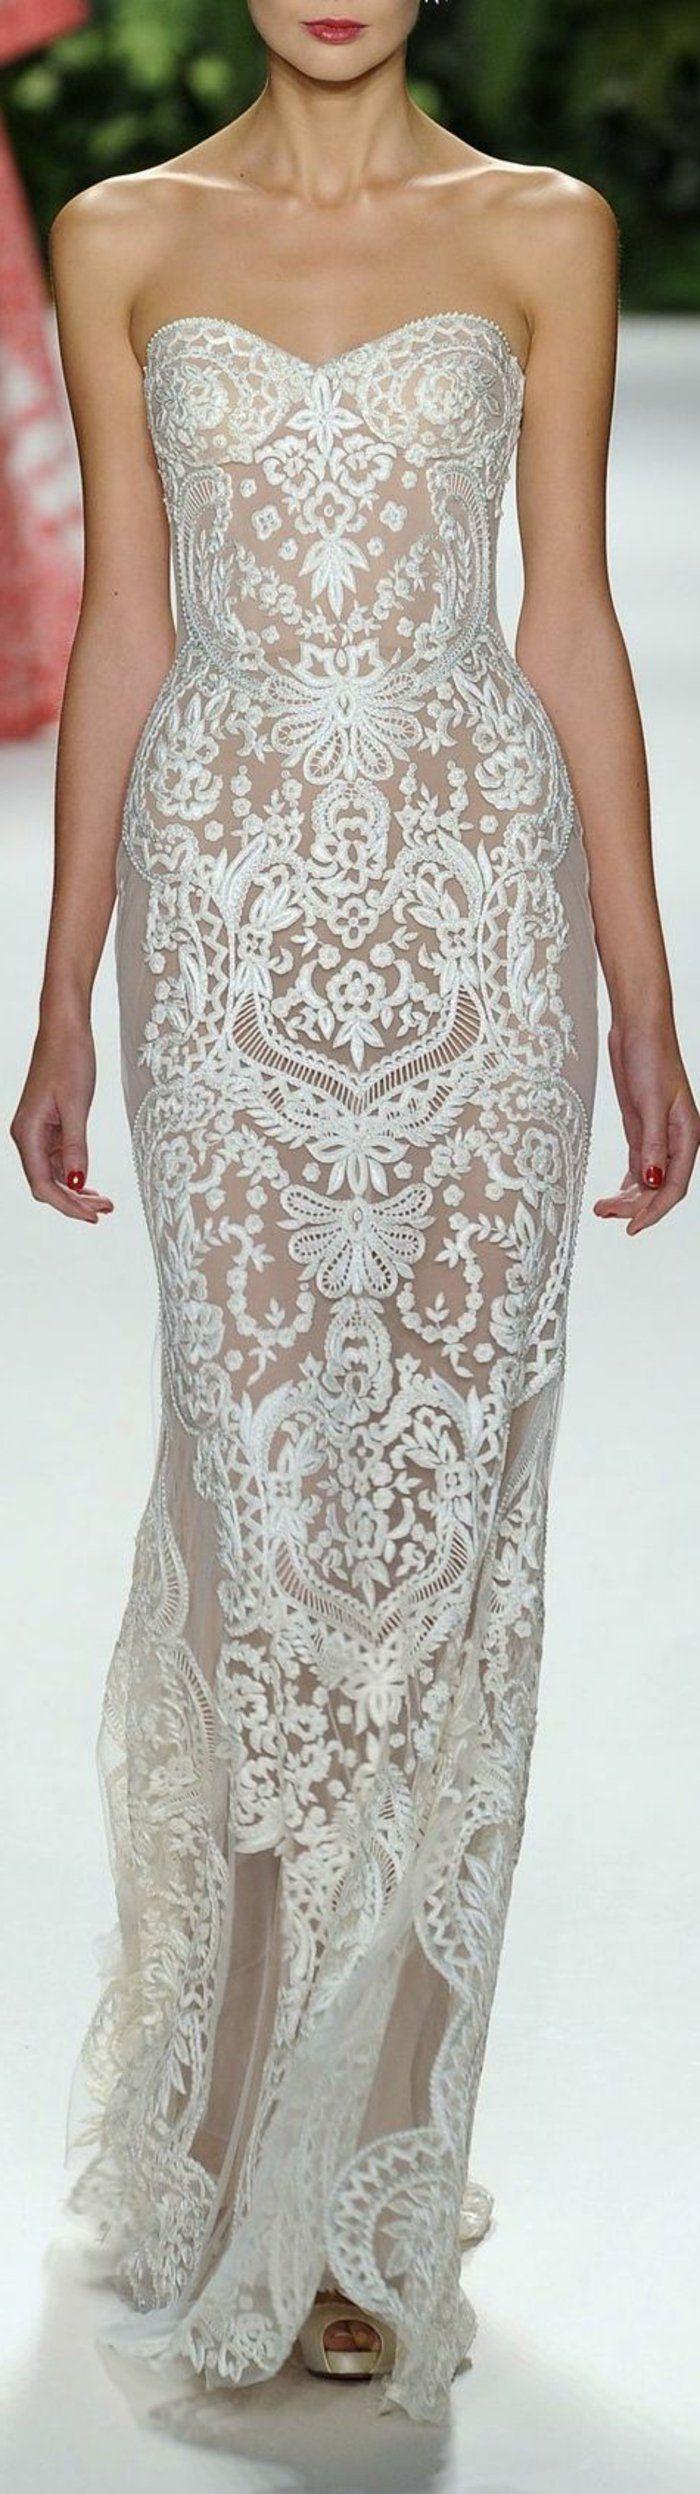 quelle robe fluide habillée choisir pour etre à la mode